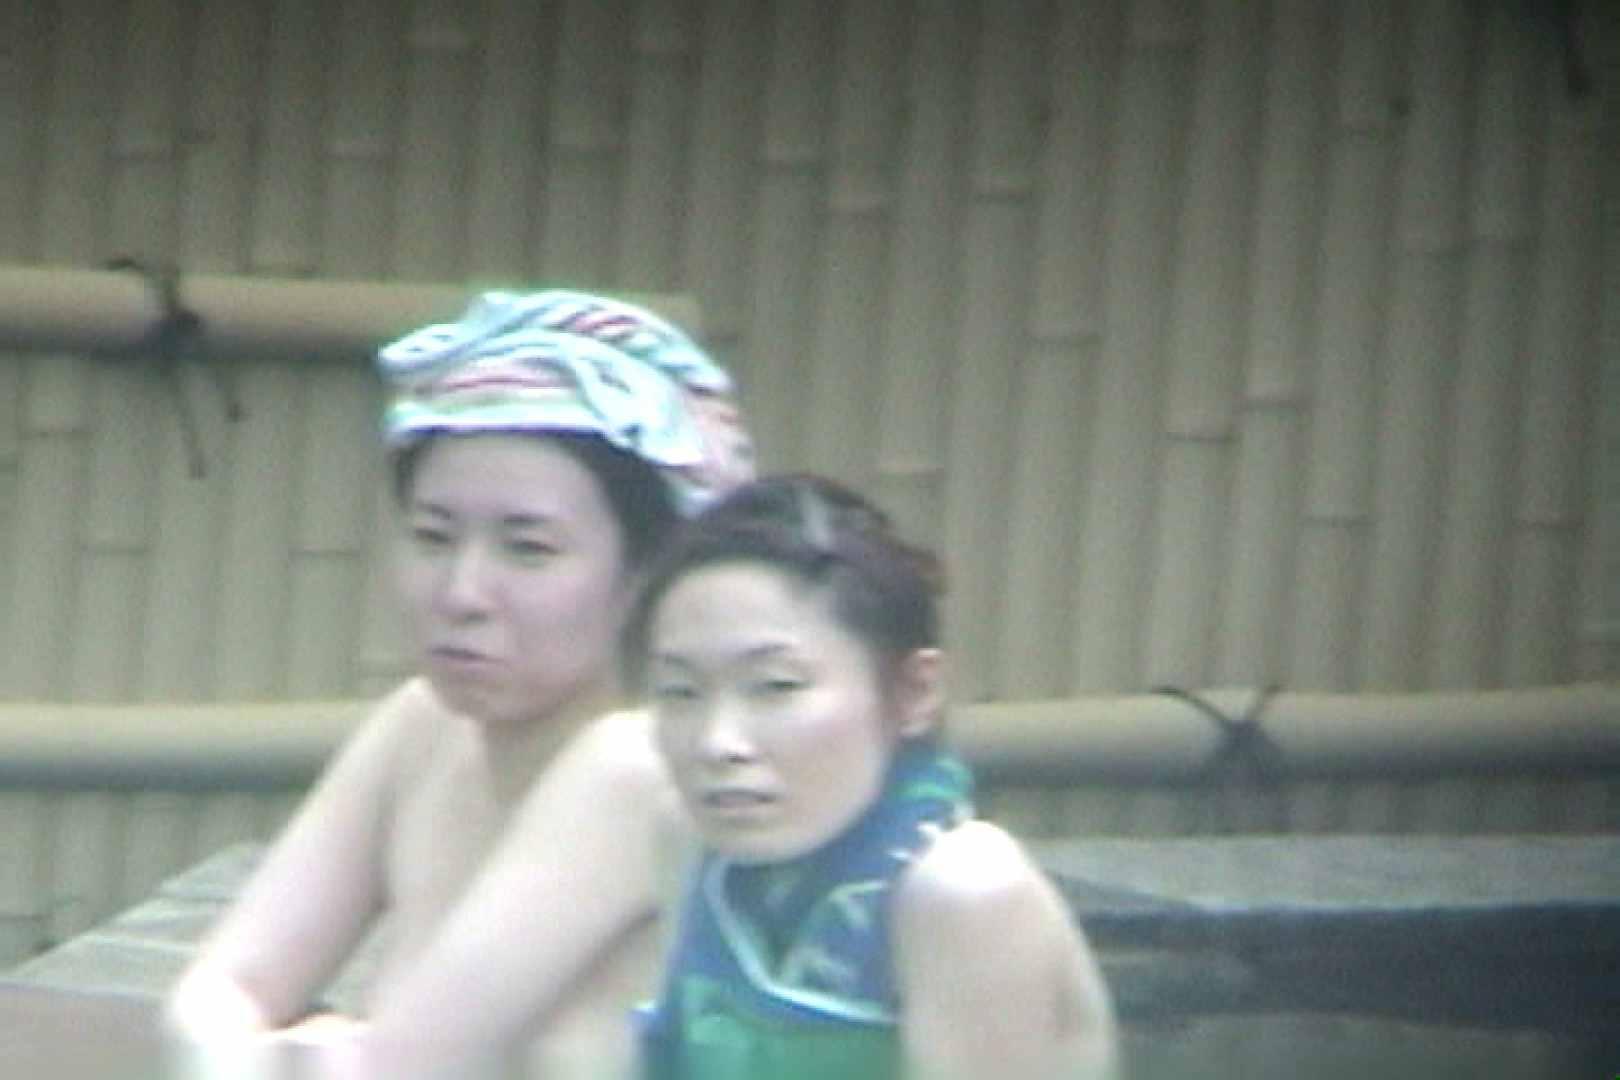 Aquaな露天風呂Vol.106 OLハメ撮り  43Pix 4